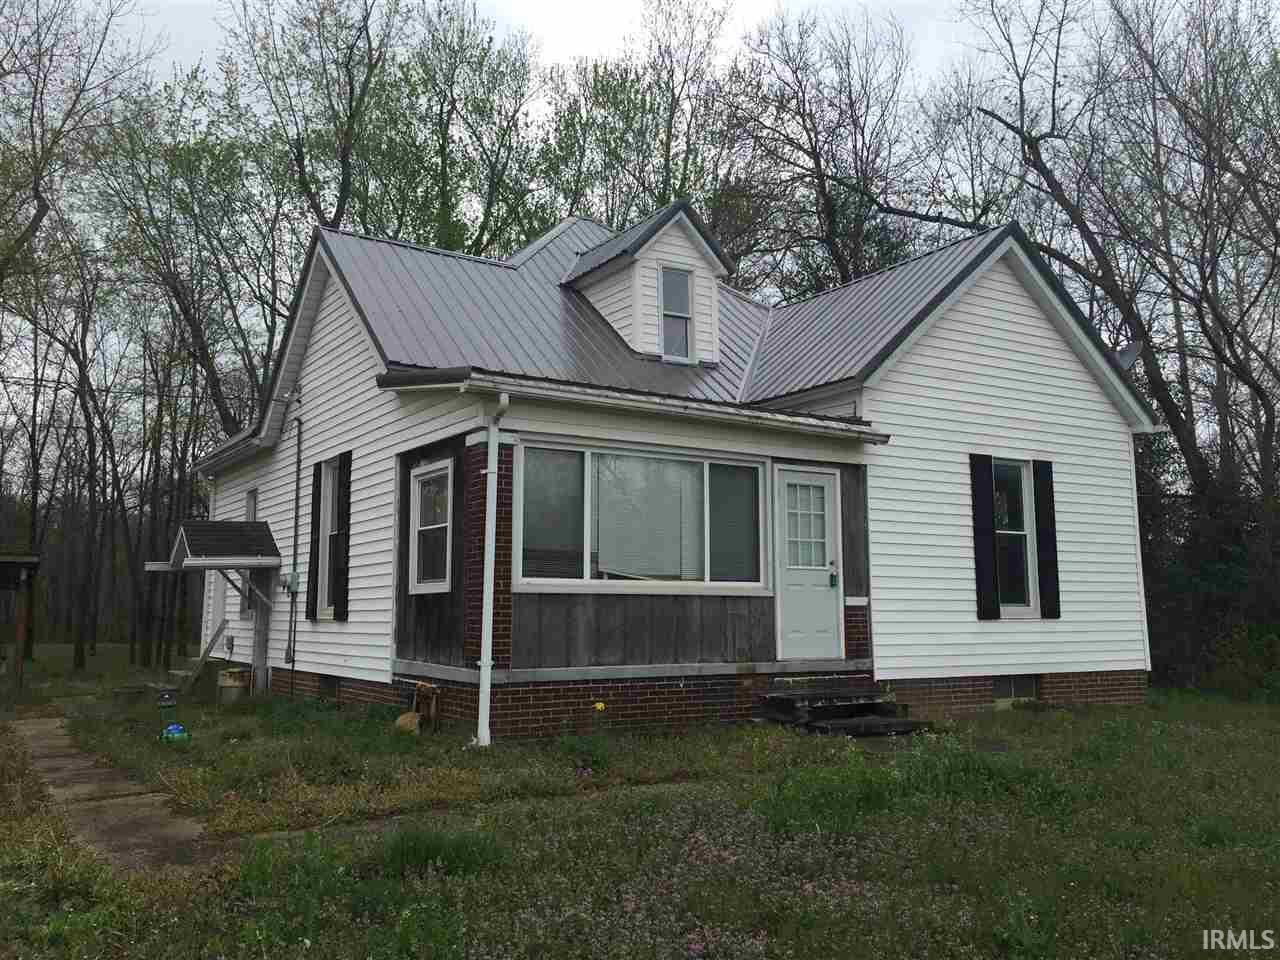 5756 N. Highland Rd, Grandview, IN 47615